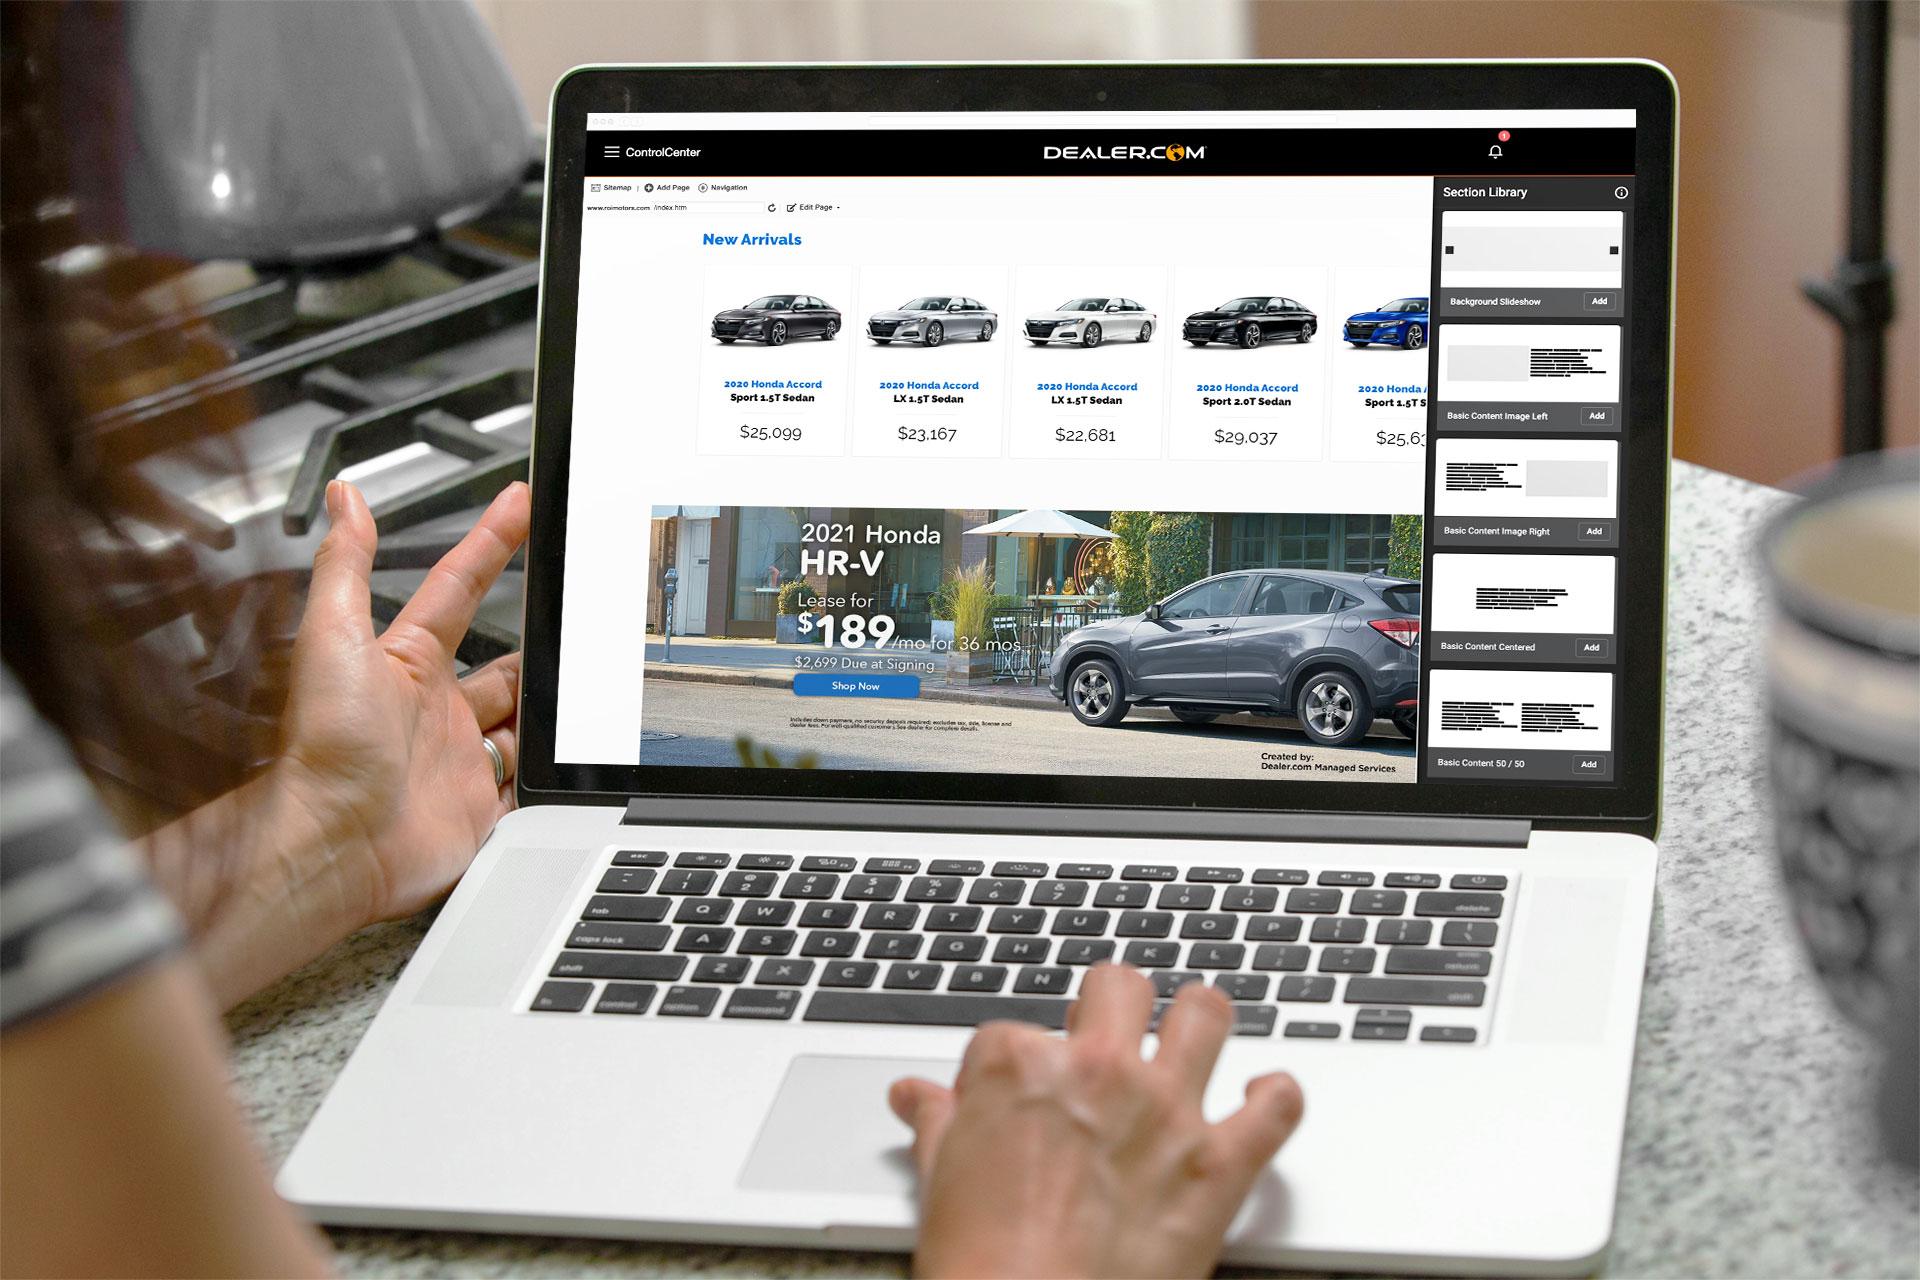 CPM20-0064_DDC_Product-Pages_Websites_Modernized-Dealer-Tools_1920x1280_v1